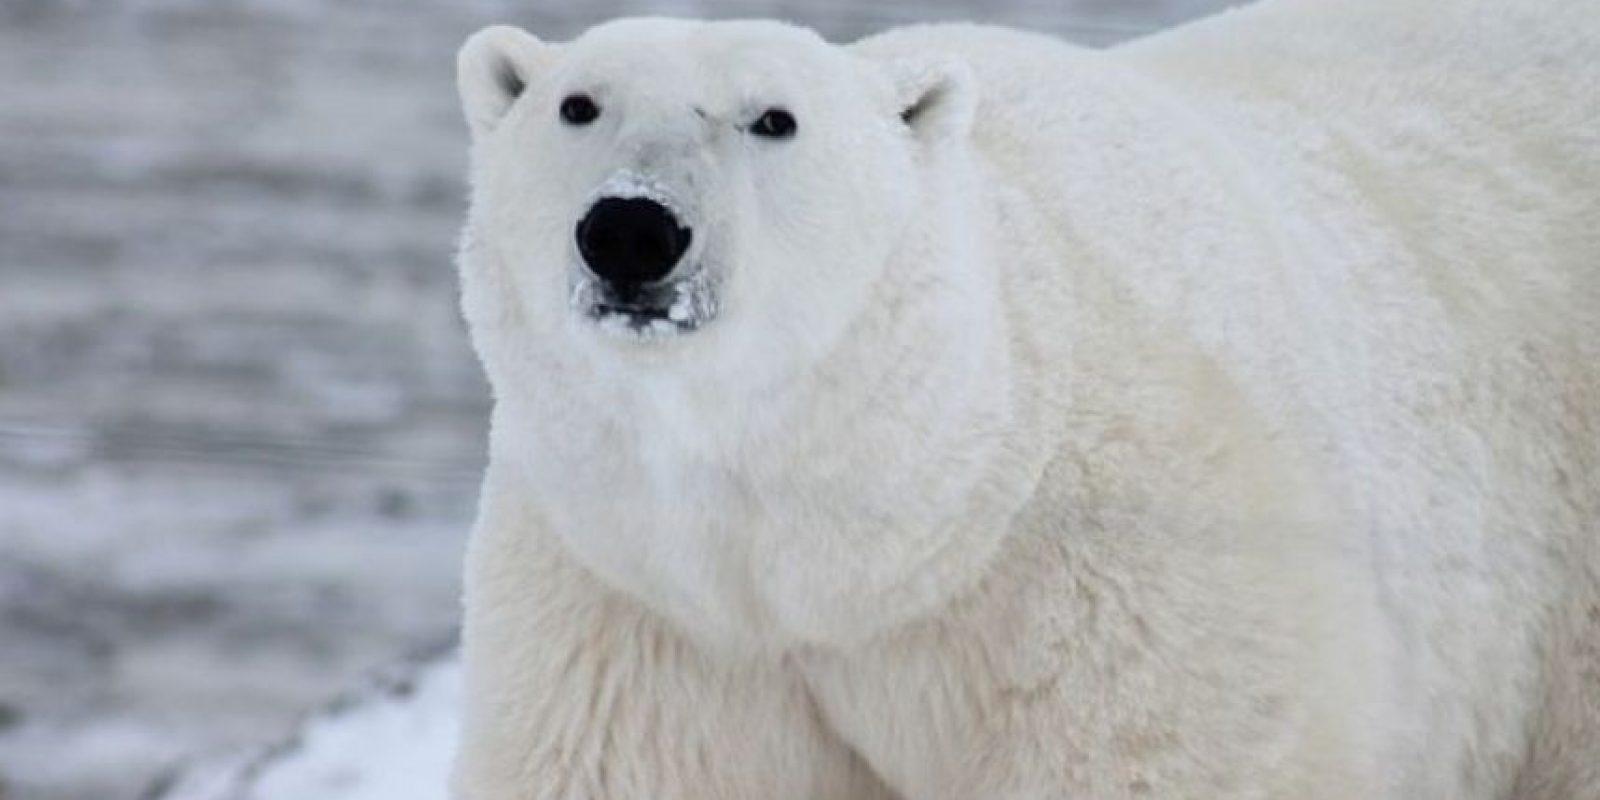 Como este hielo comienza a derretirse, su hábitat natural está siendo destruido y no hay forma de recuperarlo. Las únicas excepciones son los que están en cautiverio en zoológicos, donde las temperaturas son más cálidas. Foto:Wikimedia